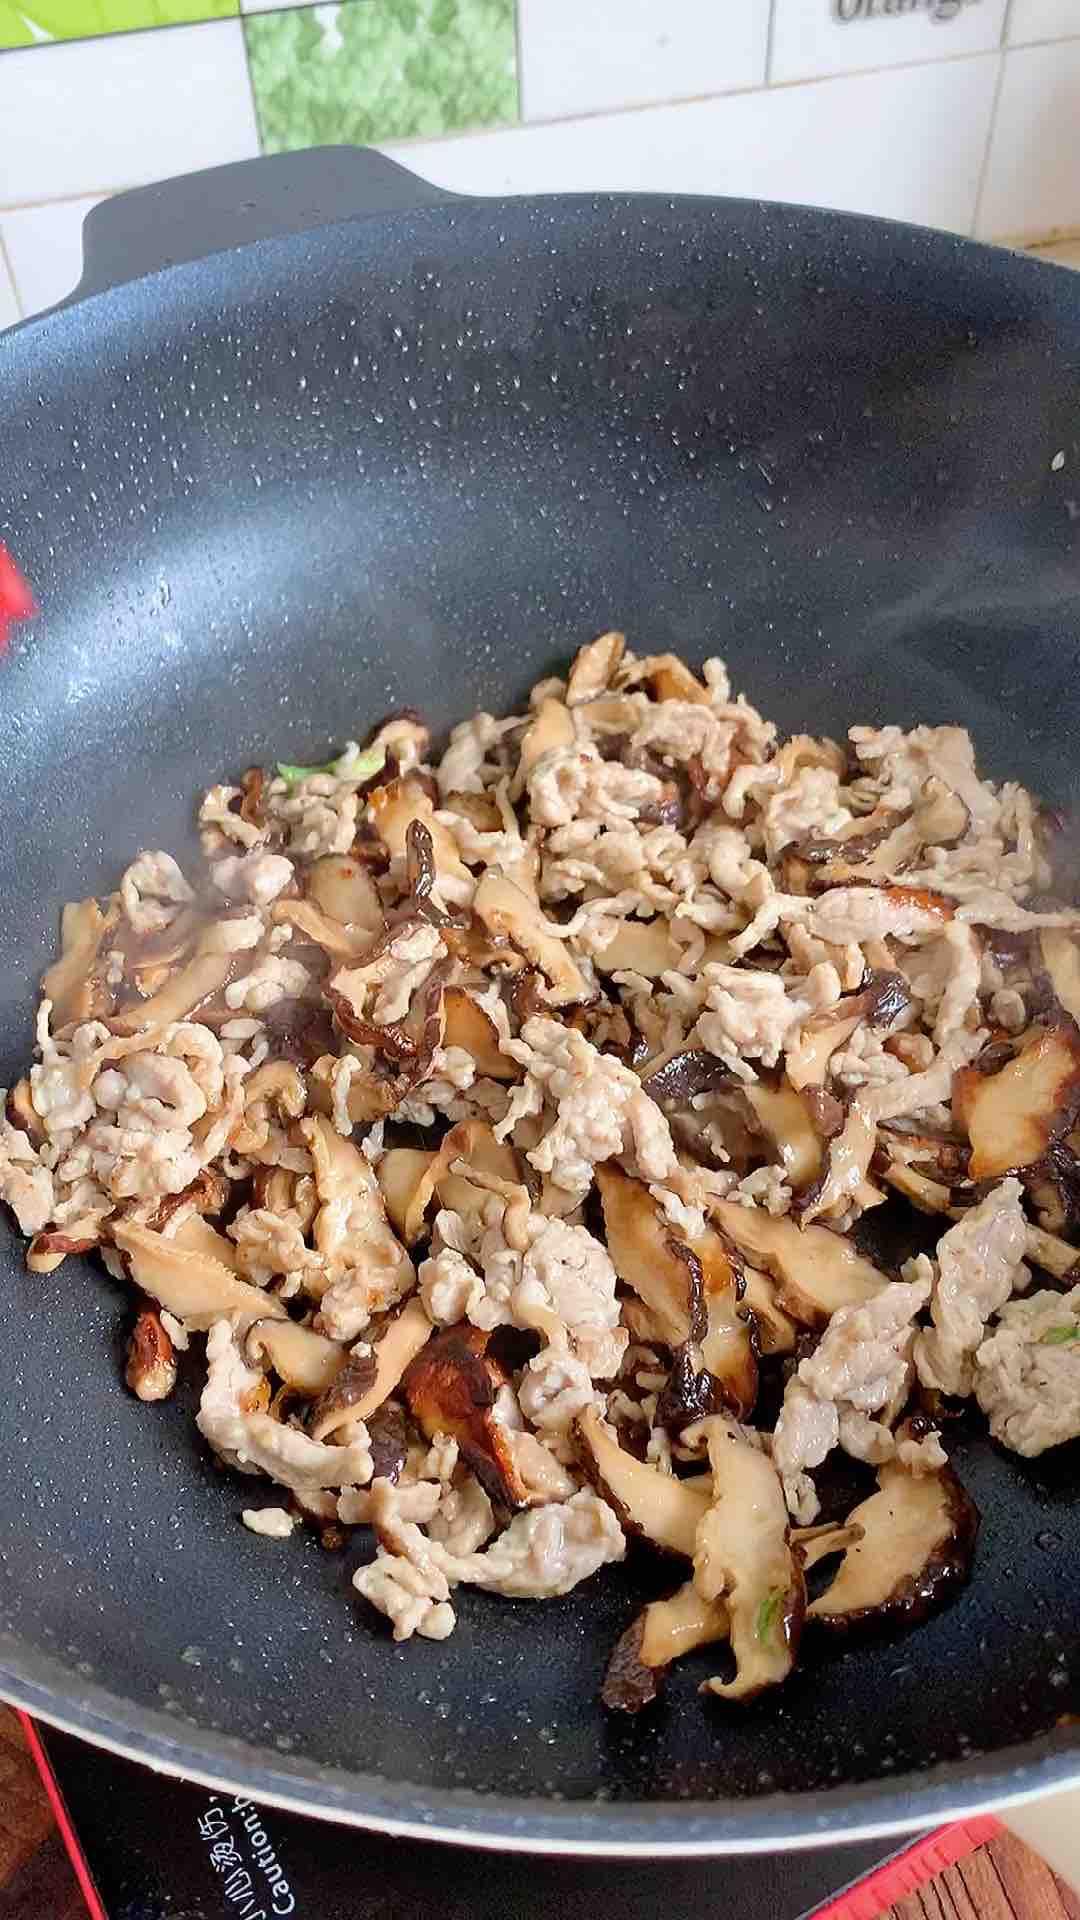 肉丝香菇薄饼怎么吃